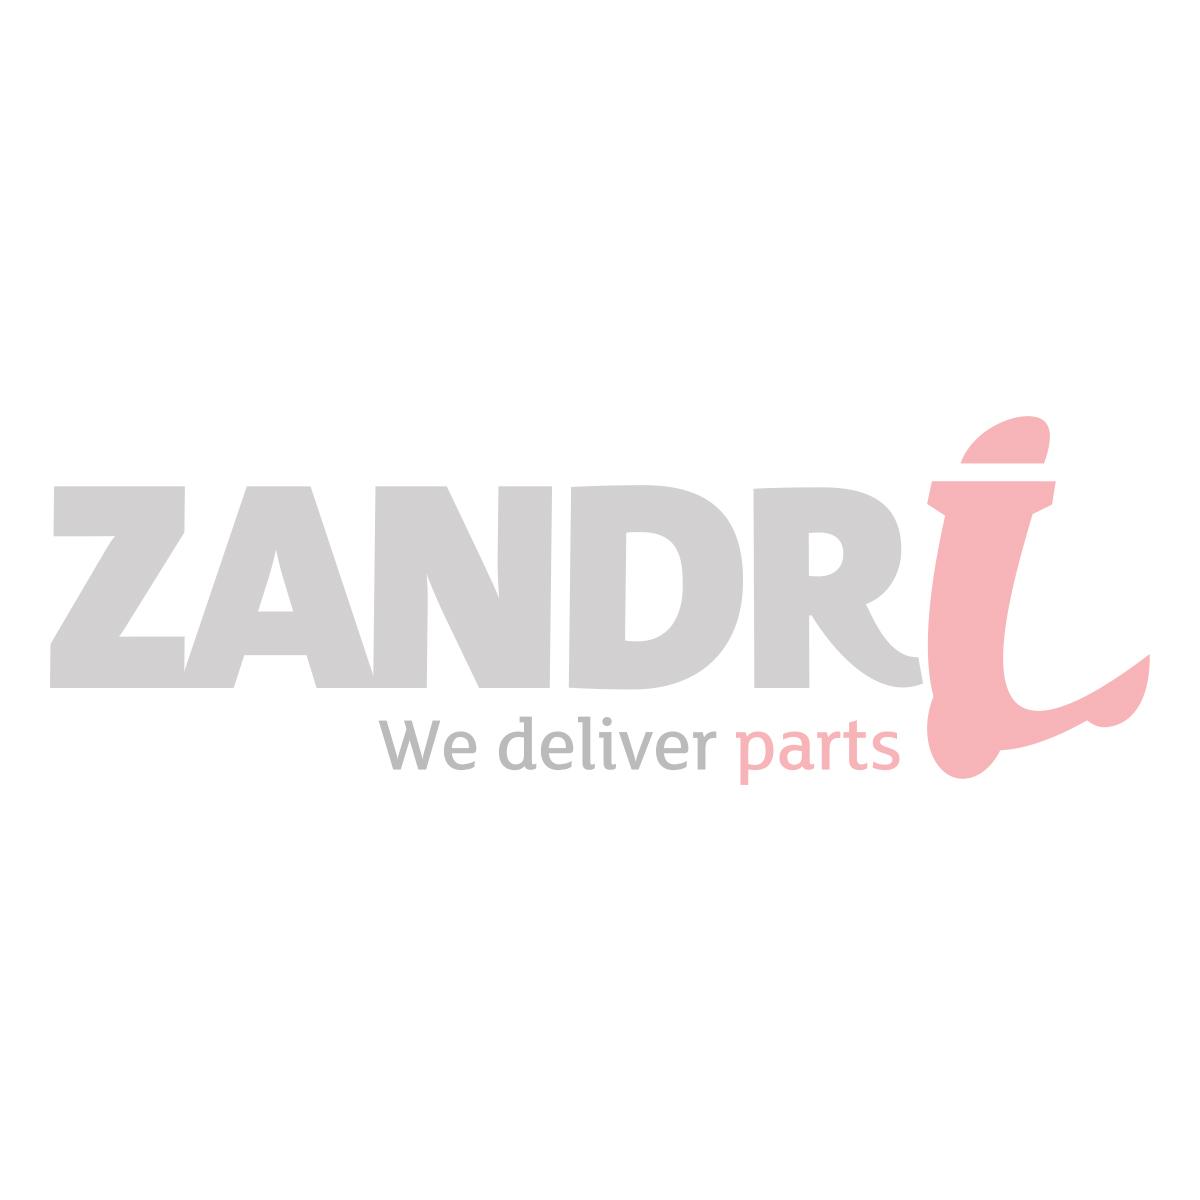 Voorvalbeugels / Sierbeugels Piaggio Zip matzwart